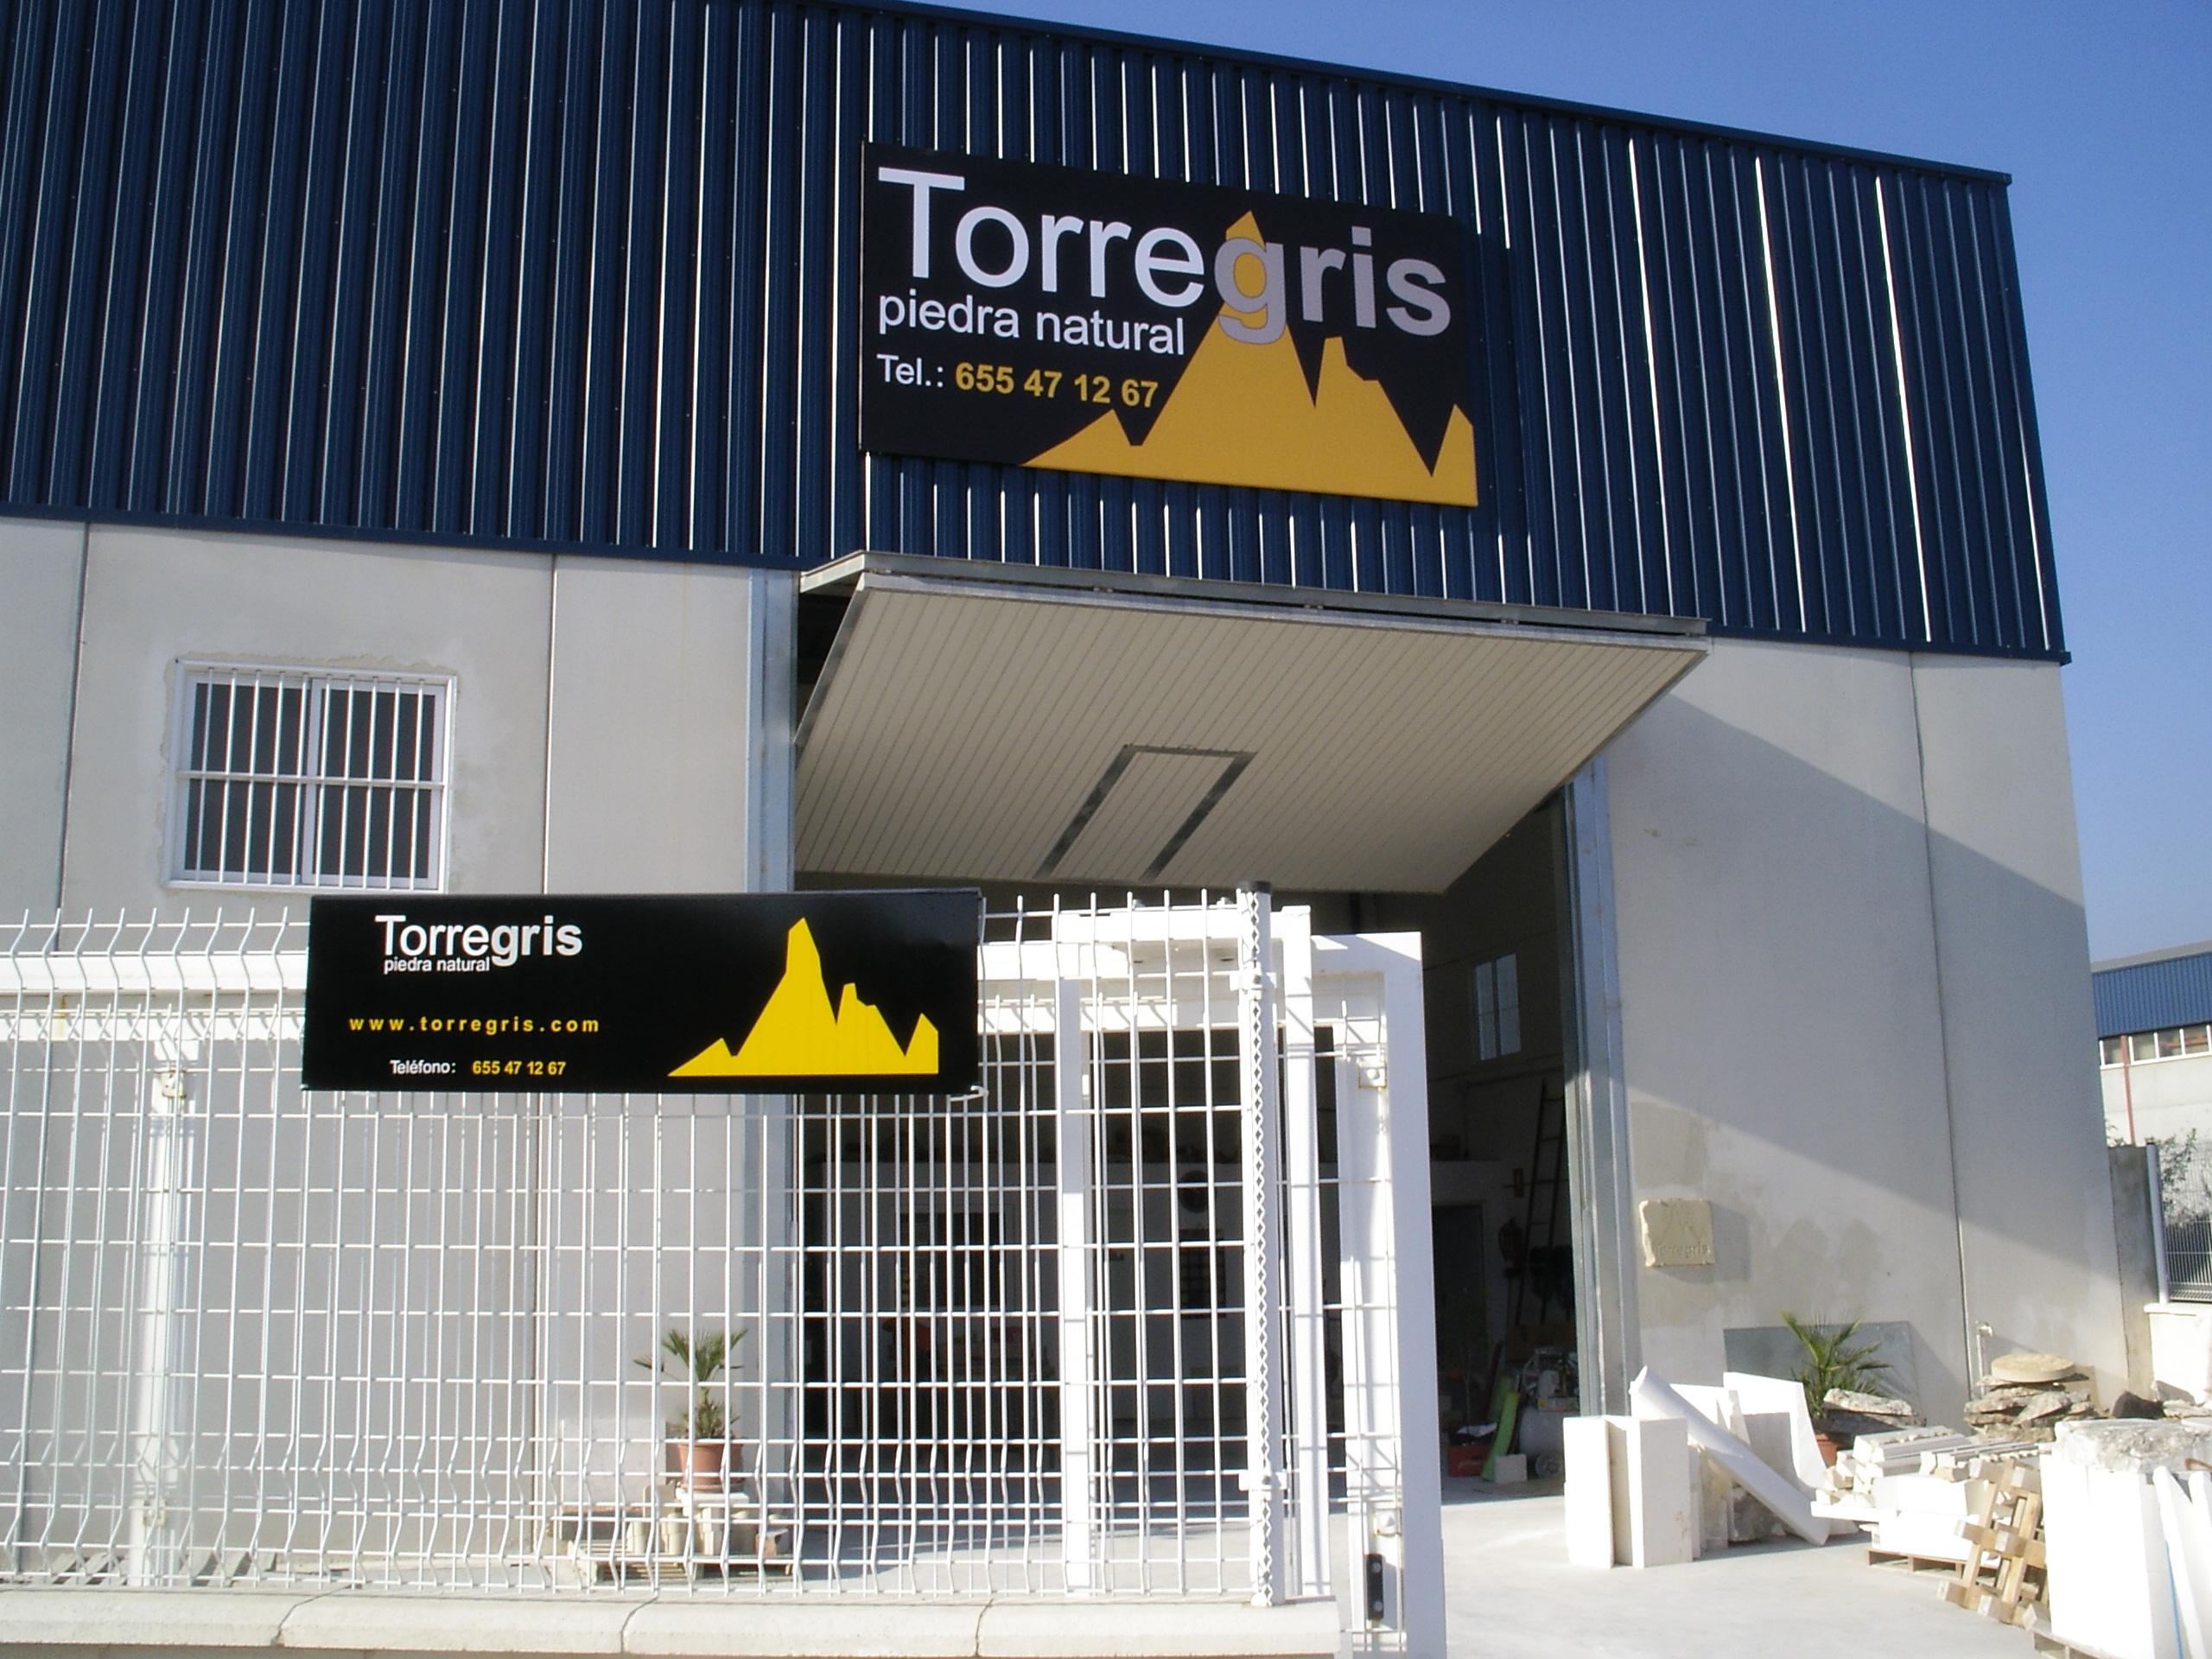 la empresa de piedra Torregris vista desde la calle